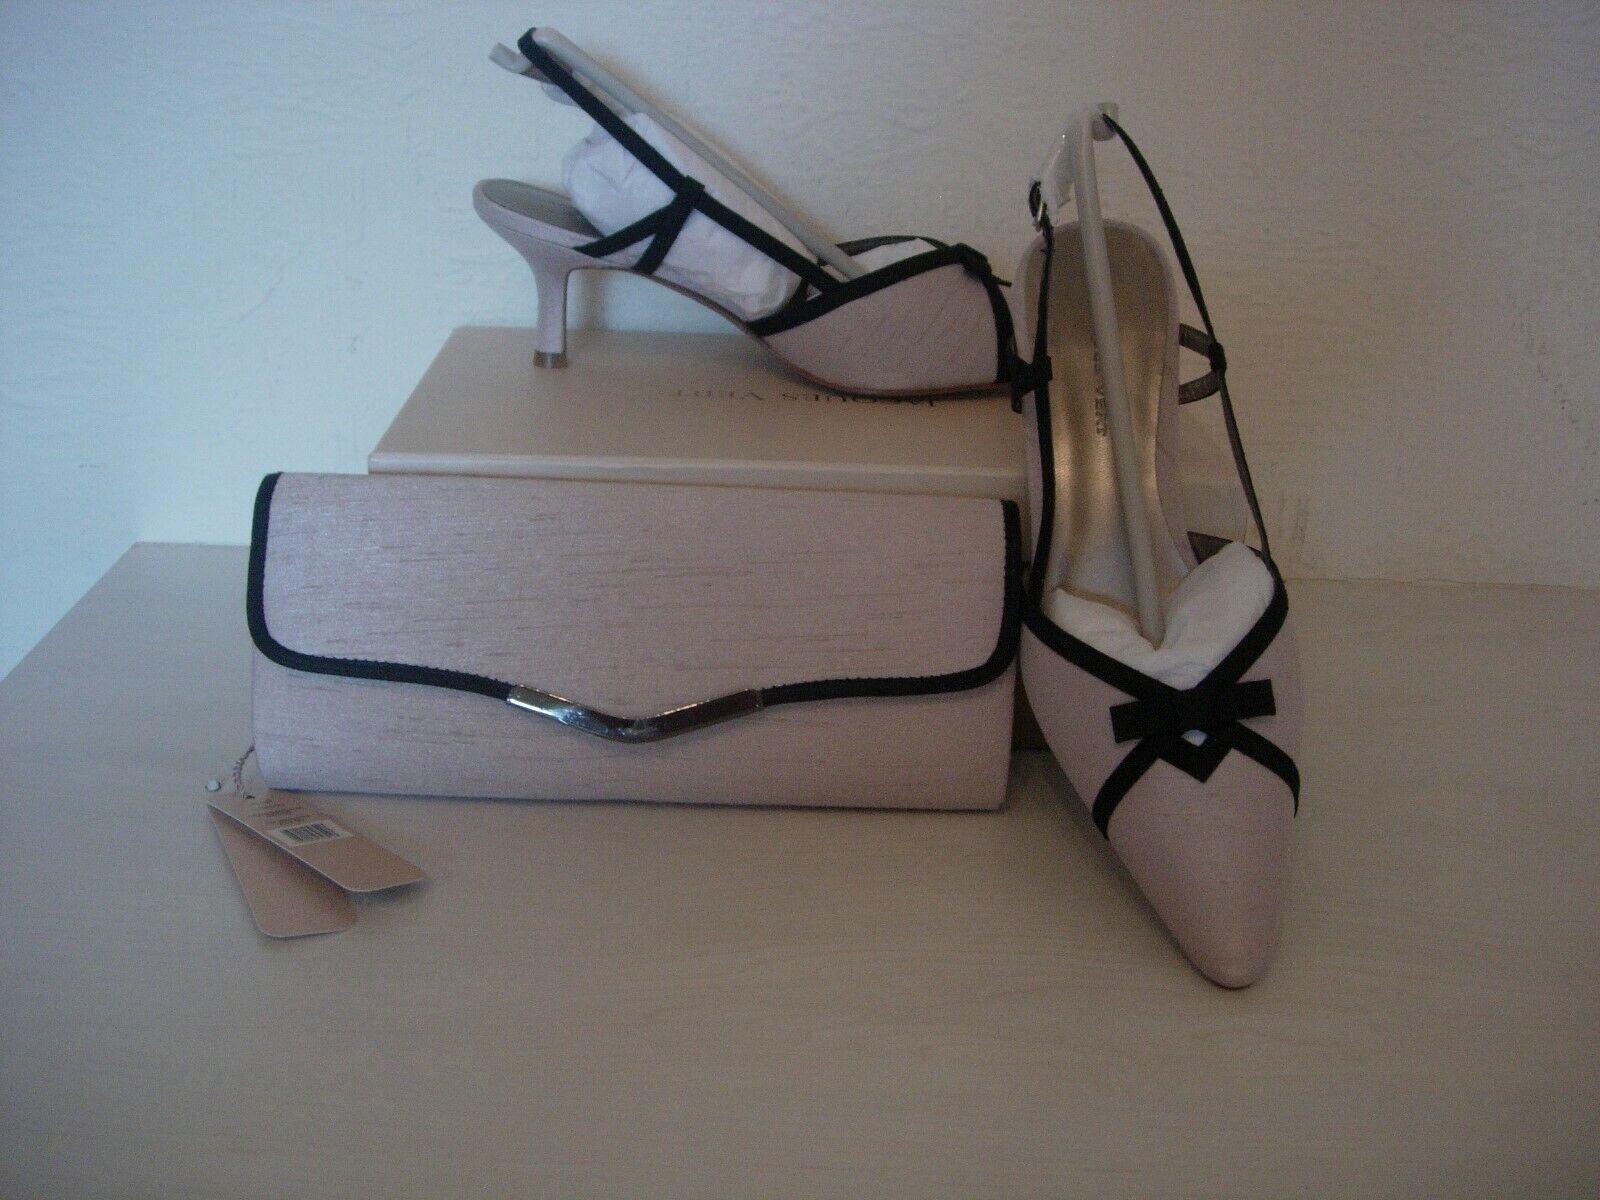 Jacques Vert Nœud Bordure chaussures et sac assorti-beige noir taille 4-NEUF